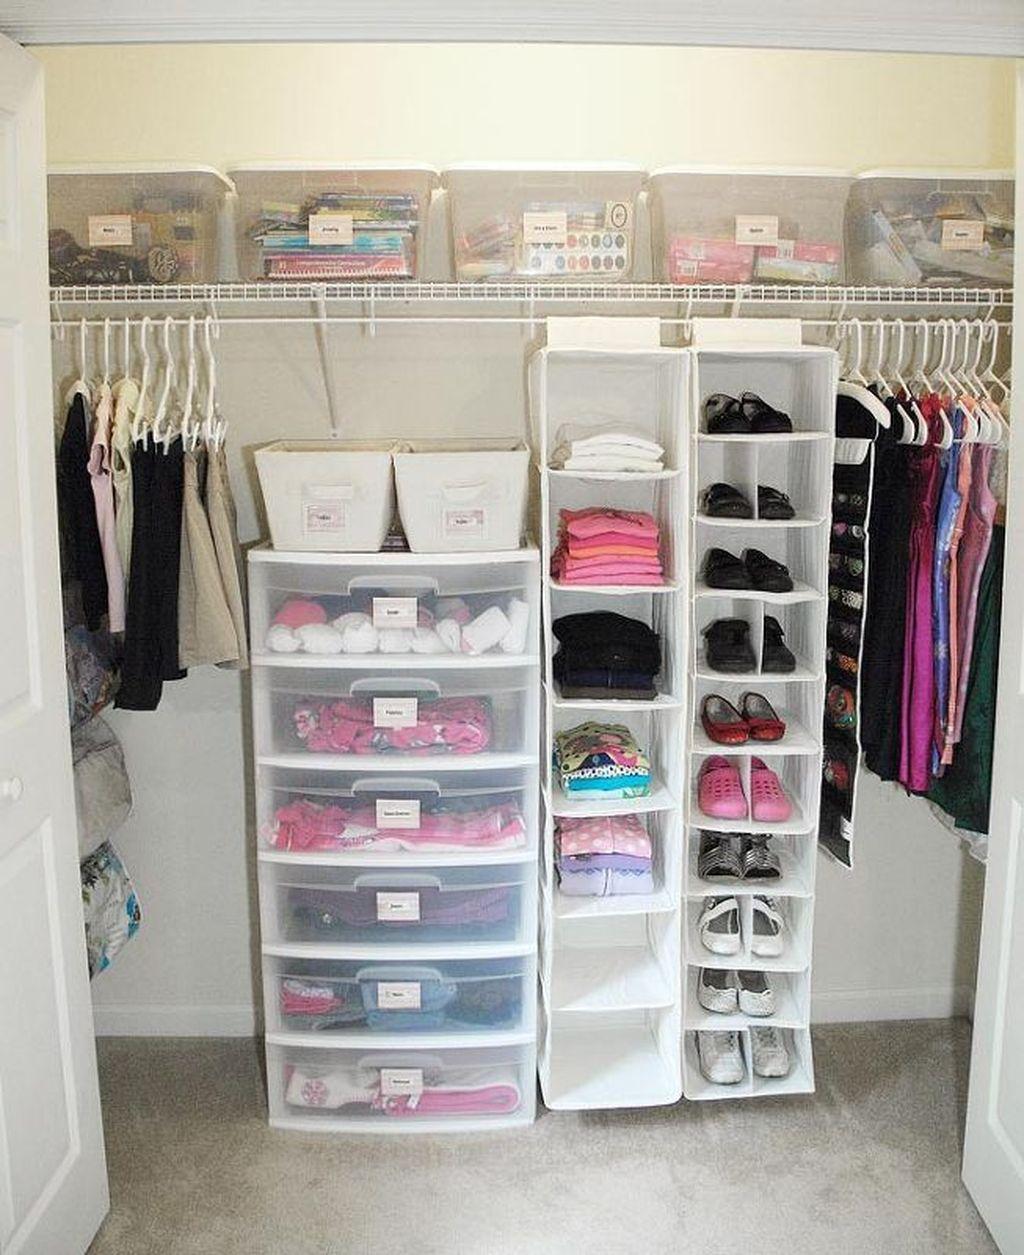 ideias criativas organizar quarto 13